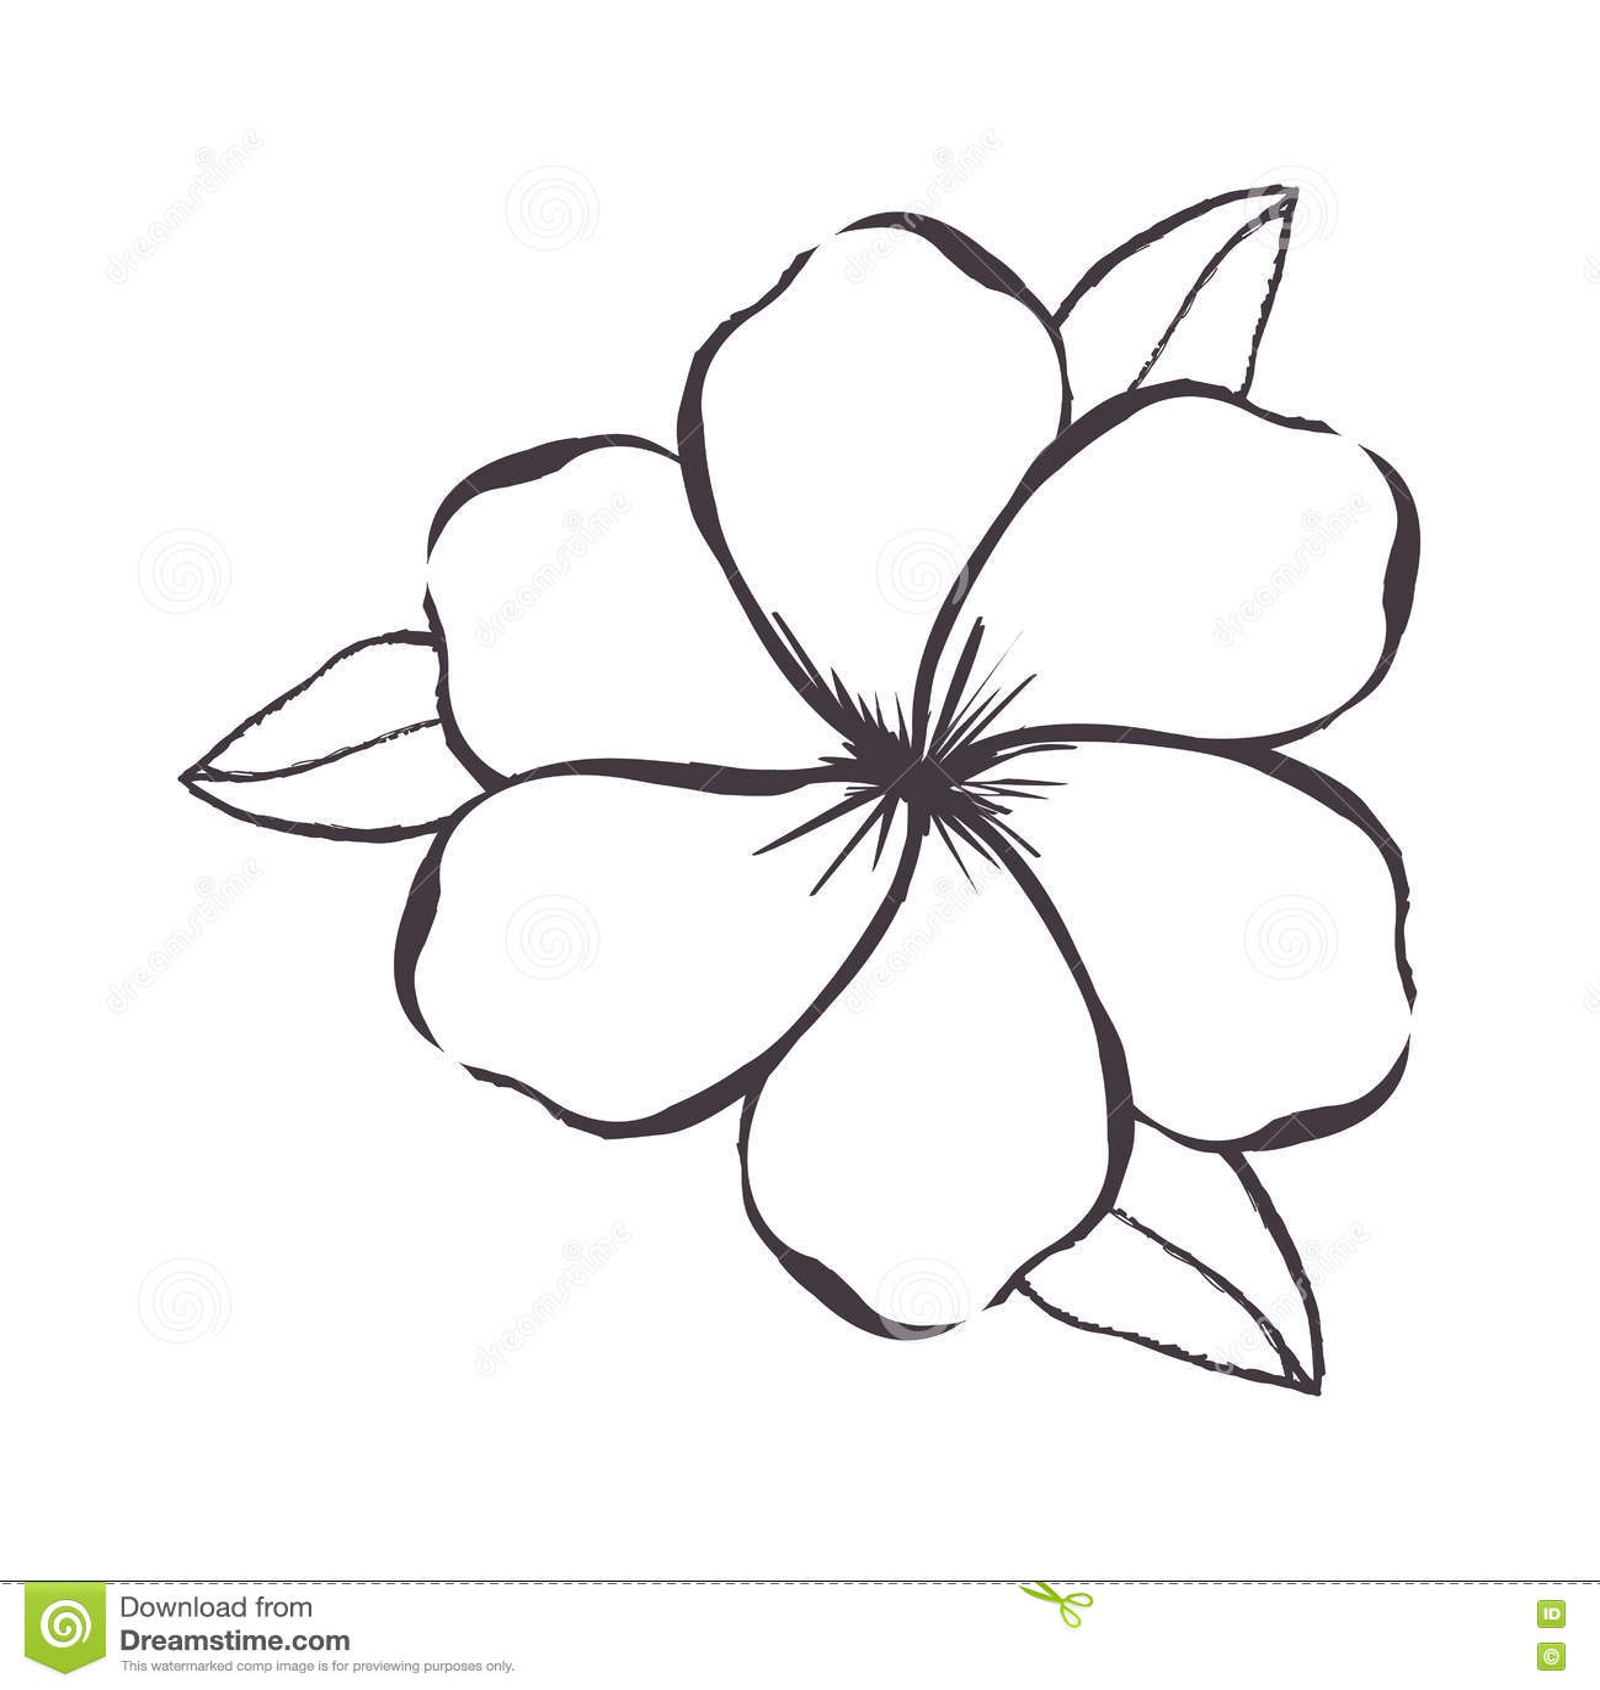 Imagem Delicada Do Icone Do Desenho Da Flor Ilustracao Do Vetor